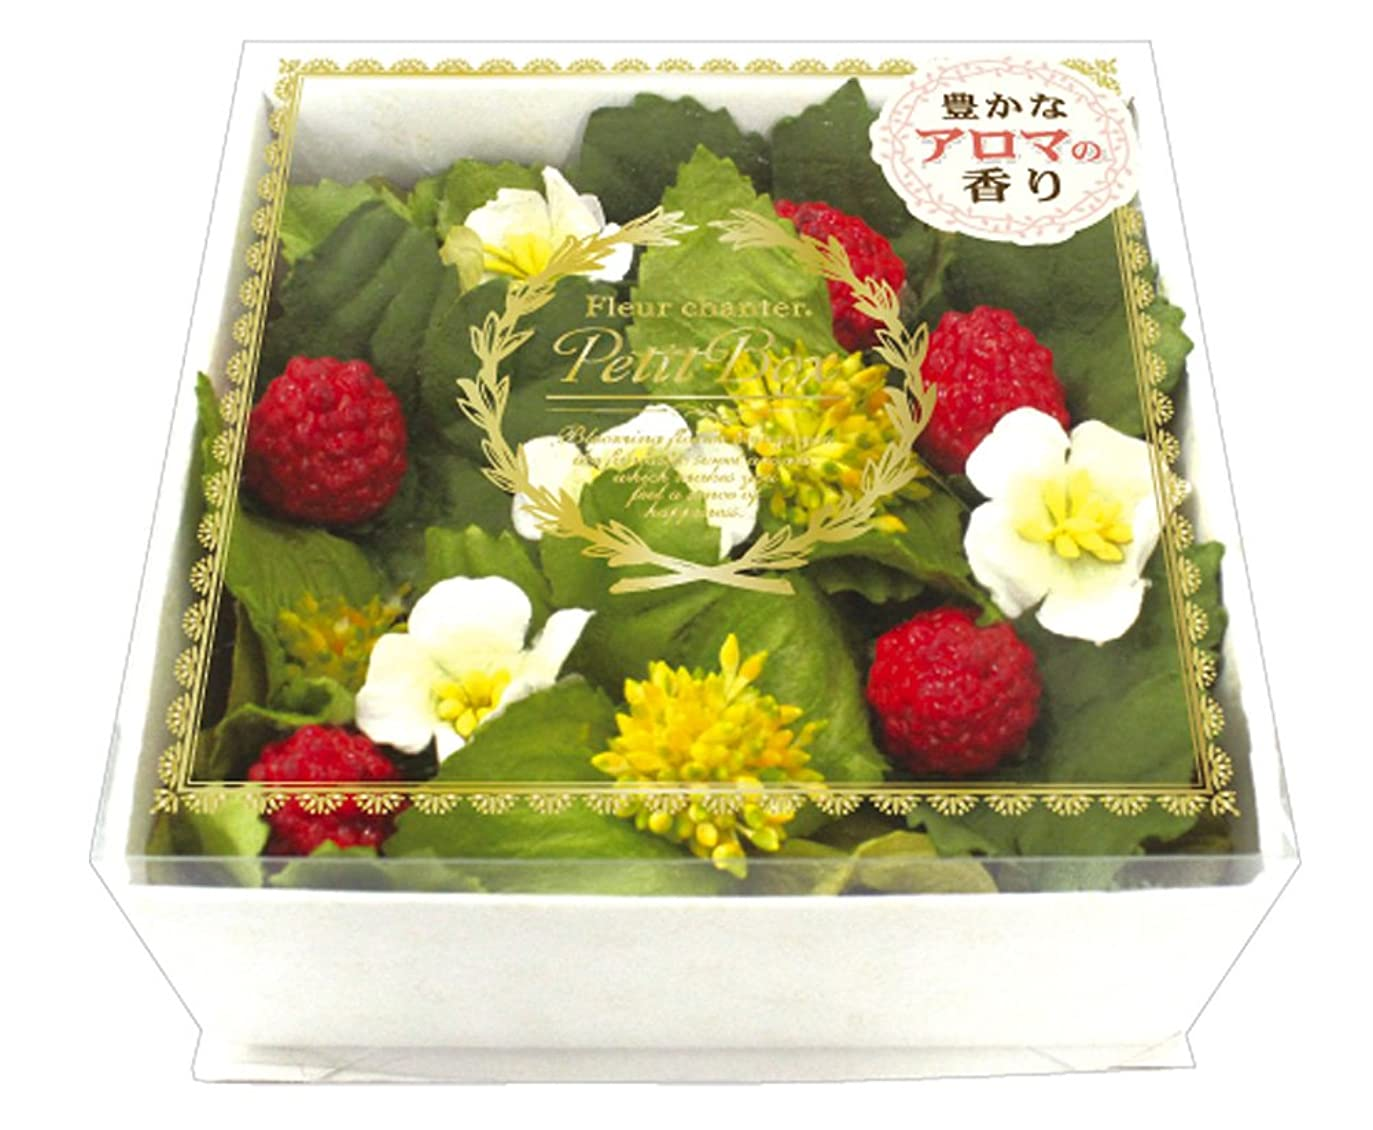 マンハッタンピックノルコーポレーション ルームフレグランス フルールシャンテ ボックス プチ フレッシュストロベリーの香り OA-LAB-2-5